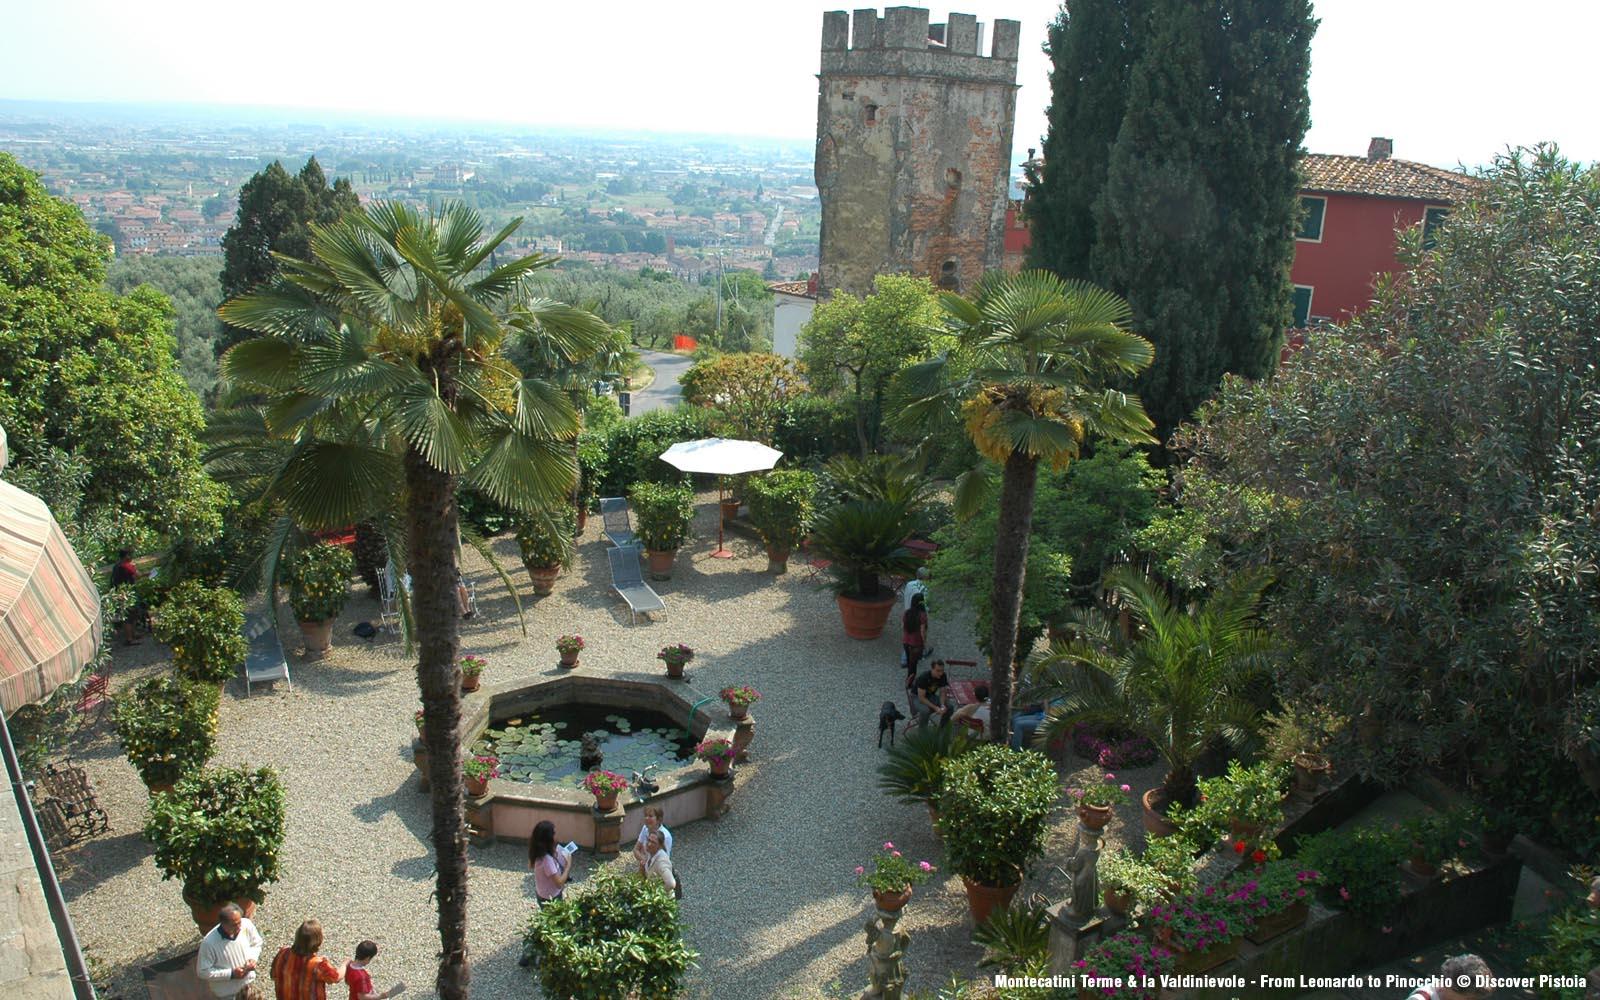 GIARDINI SEGRETI di Buggiano Castello